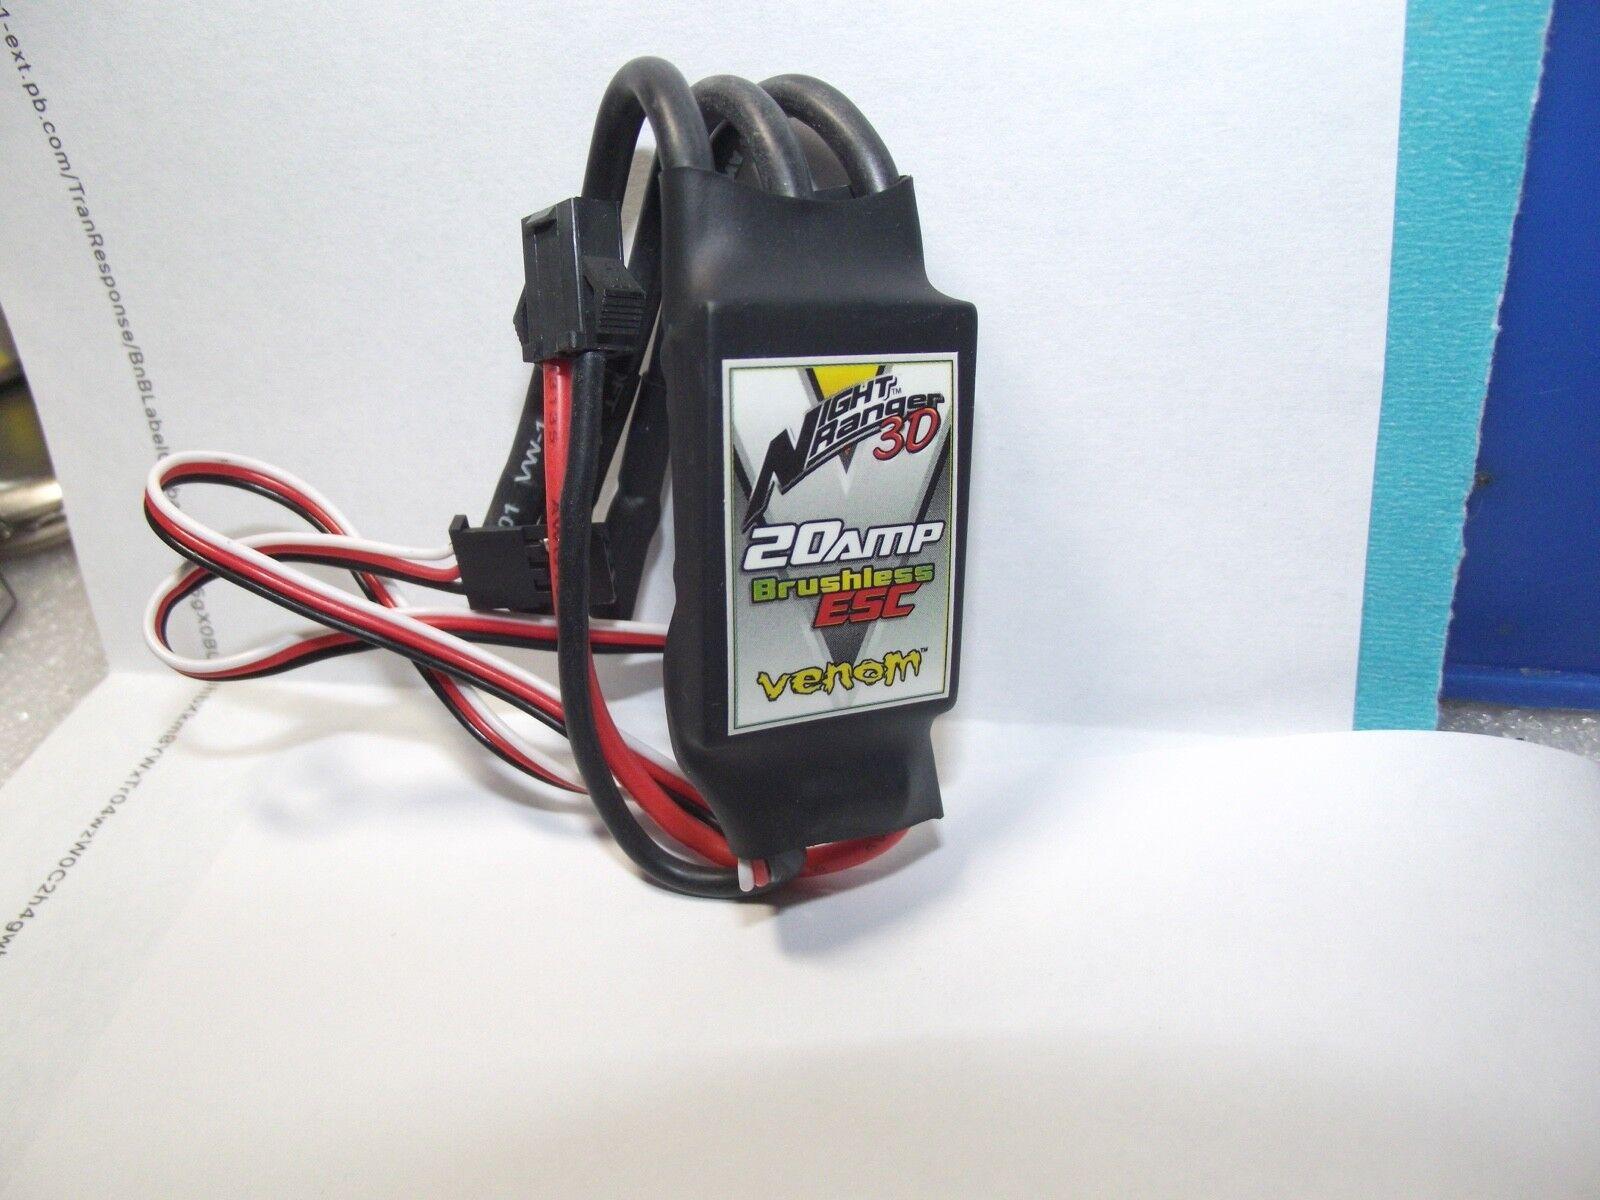 Venom -VENF-7749 -VNR3D 20 Amp Brushless Esc Night Ranger 3D